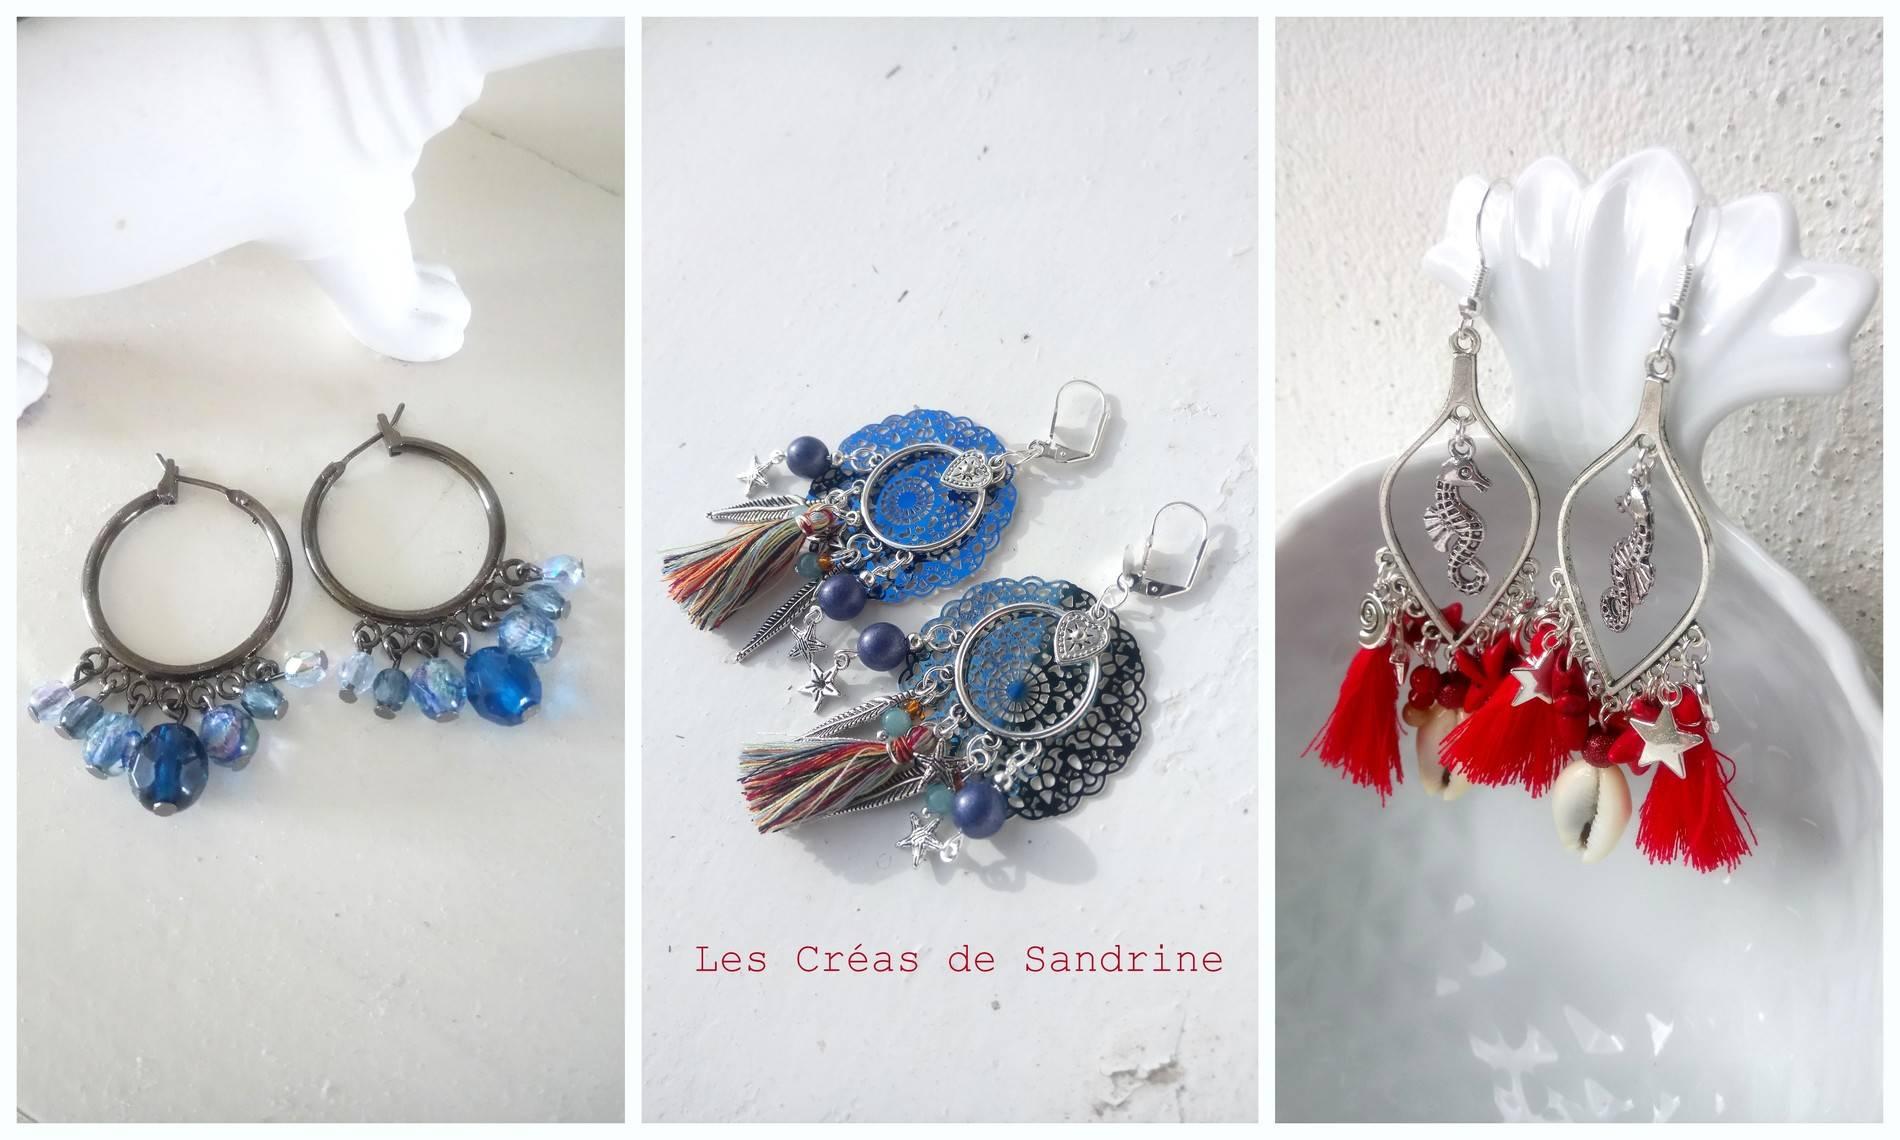 Les Créas De Sandrine Créatrice De Bijoux Fantaisie Artisanaux Limoges